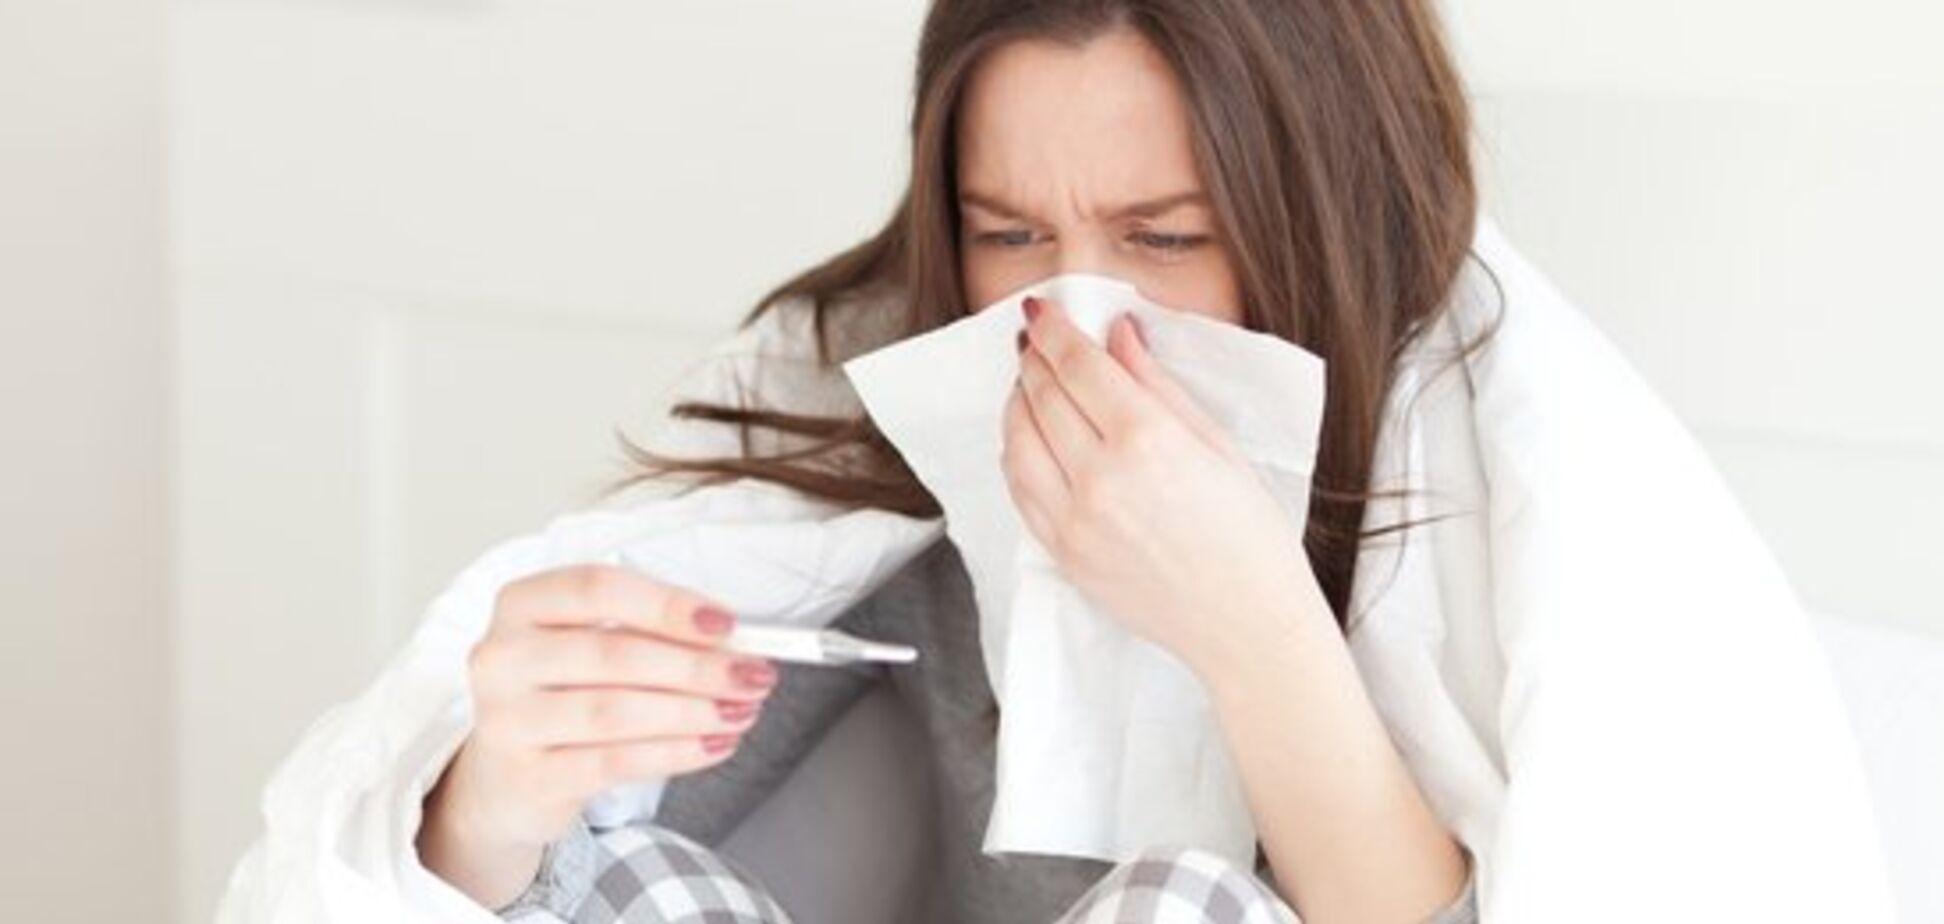 Смертельний грип в Україні: лікарка розповіла про незвичайні симптоми хвороби